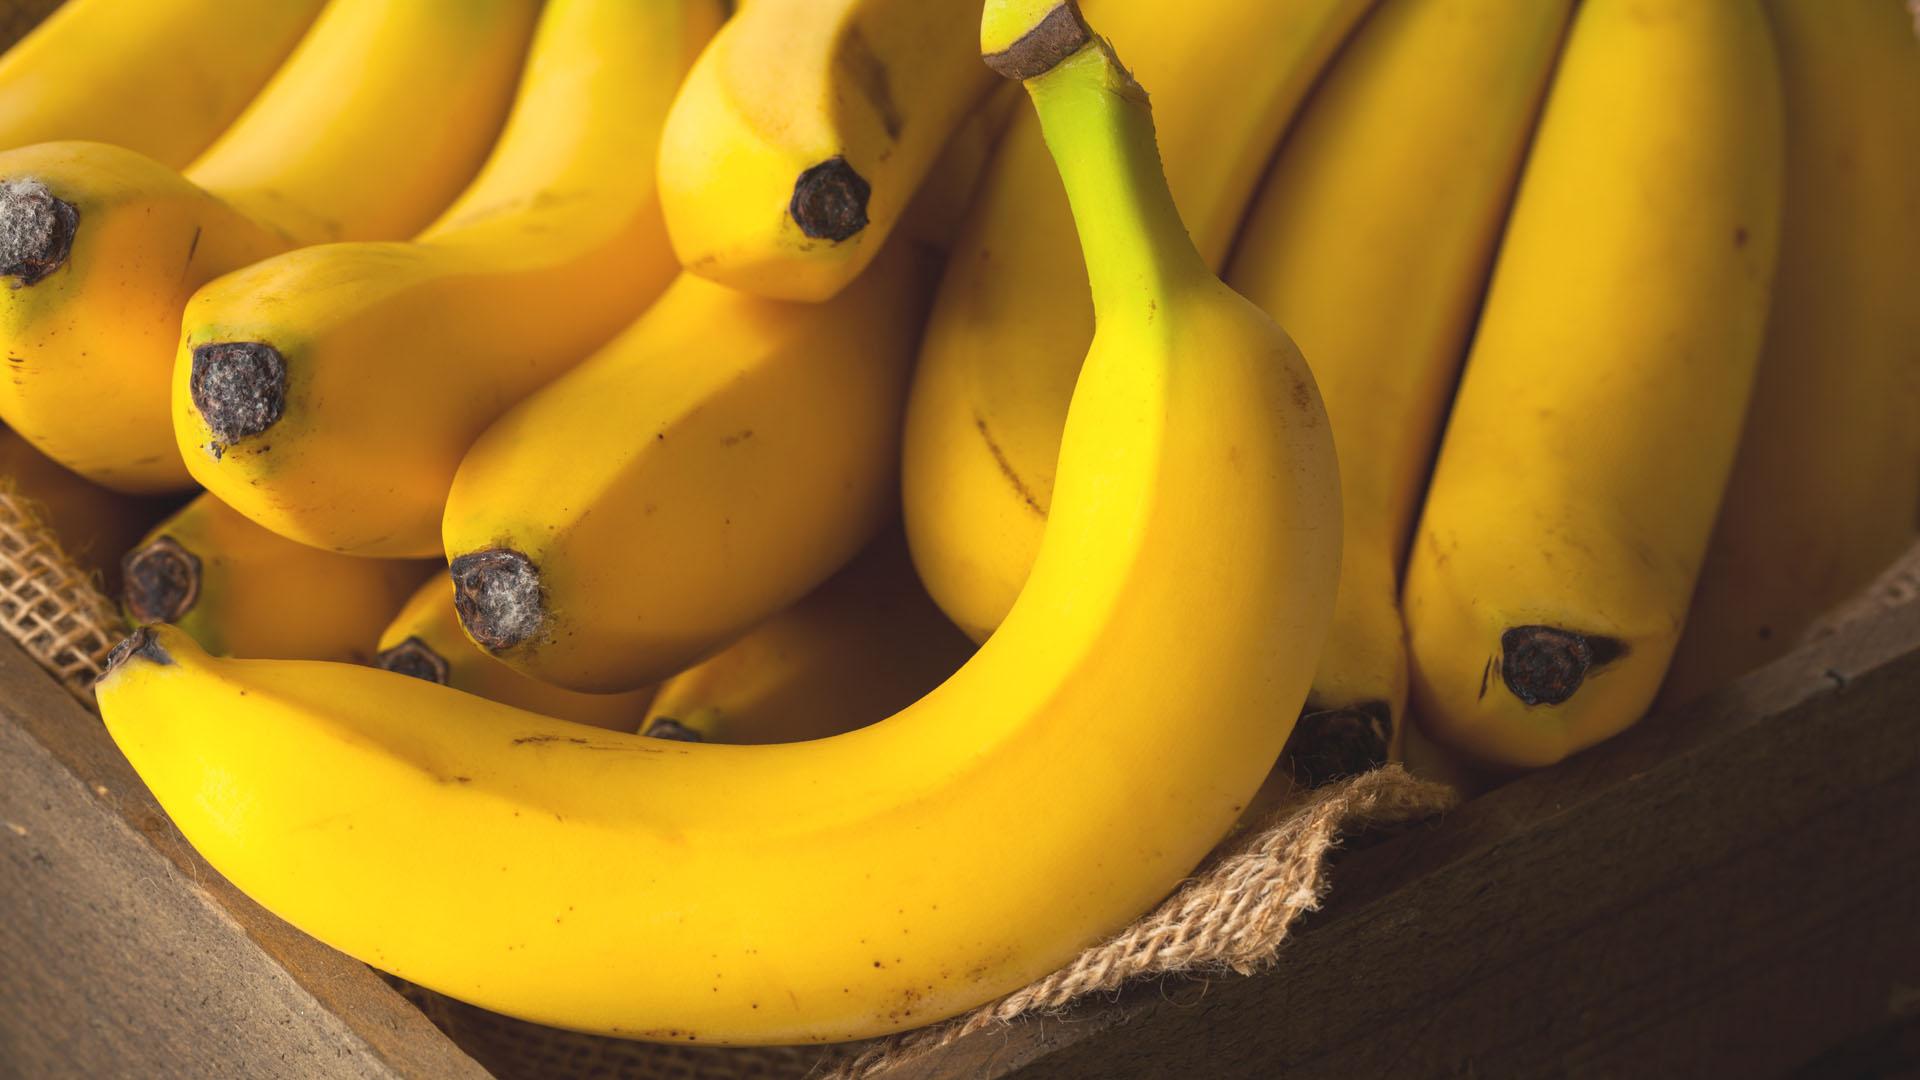 Почему бананы из Эквадора дешевле моркови и картофеля? Кто-нибудь цены